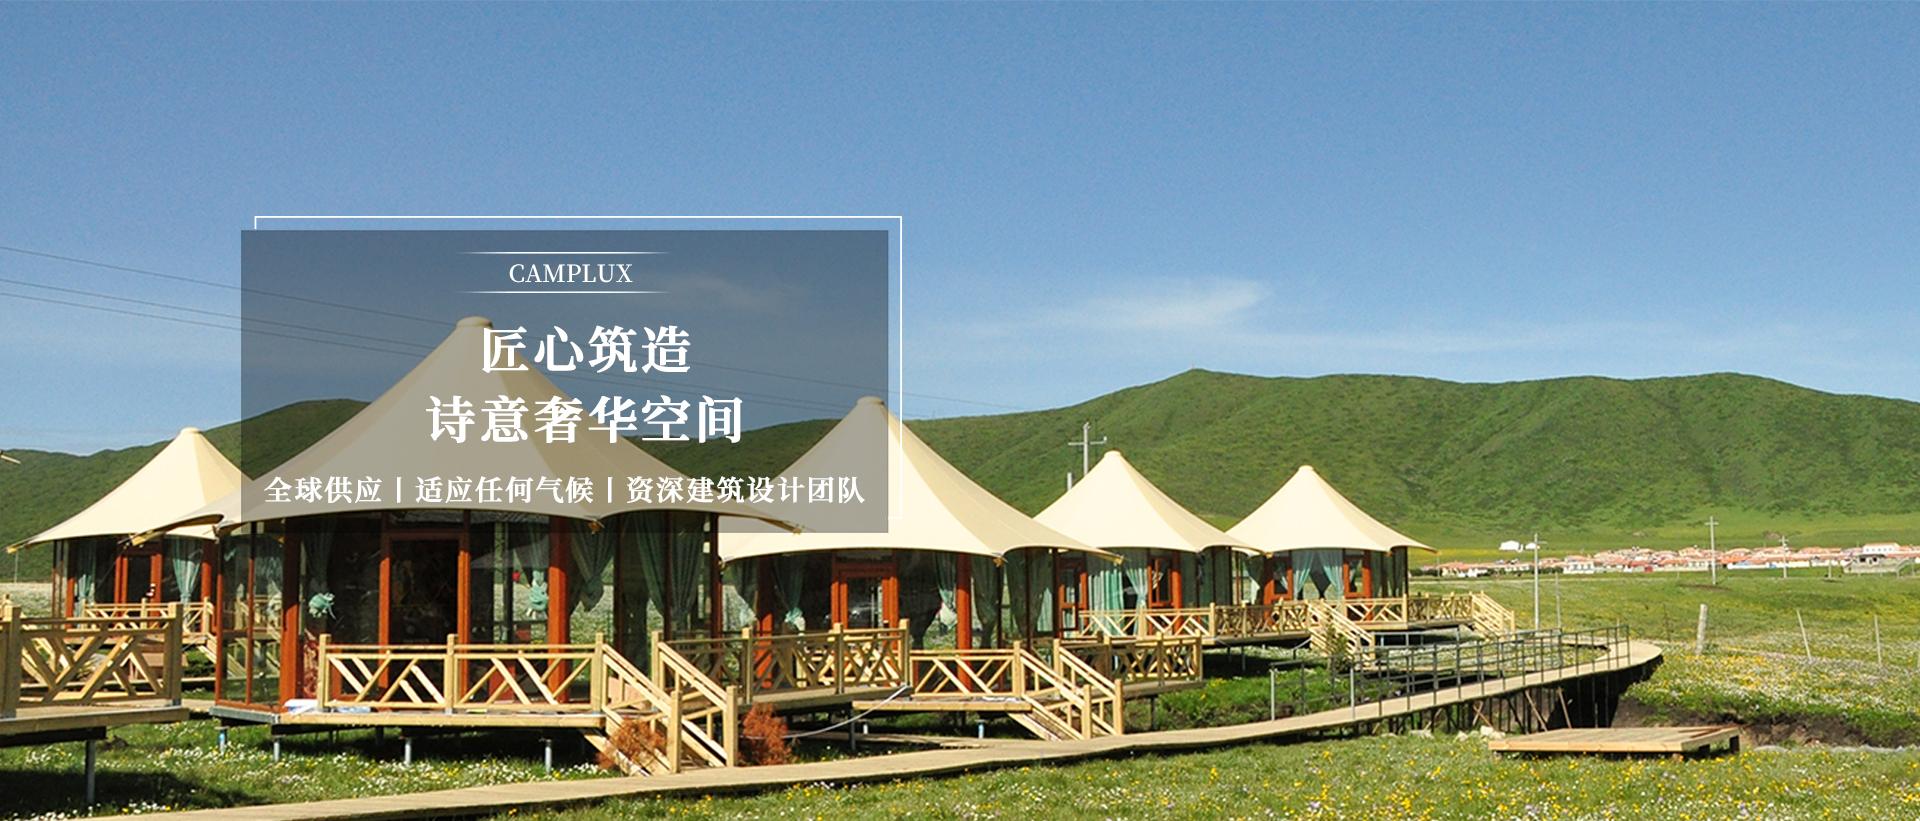 广州帐篷酒店